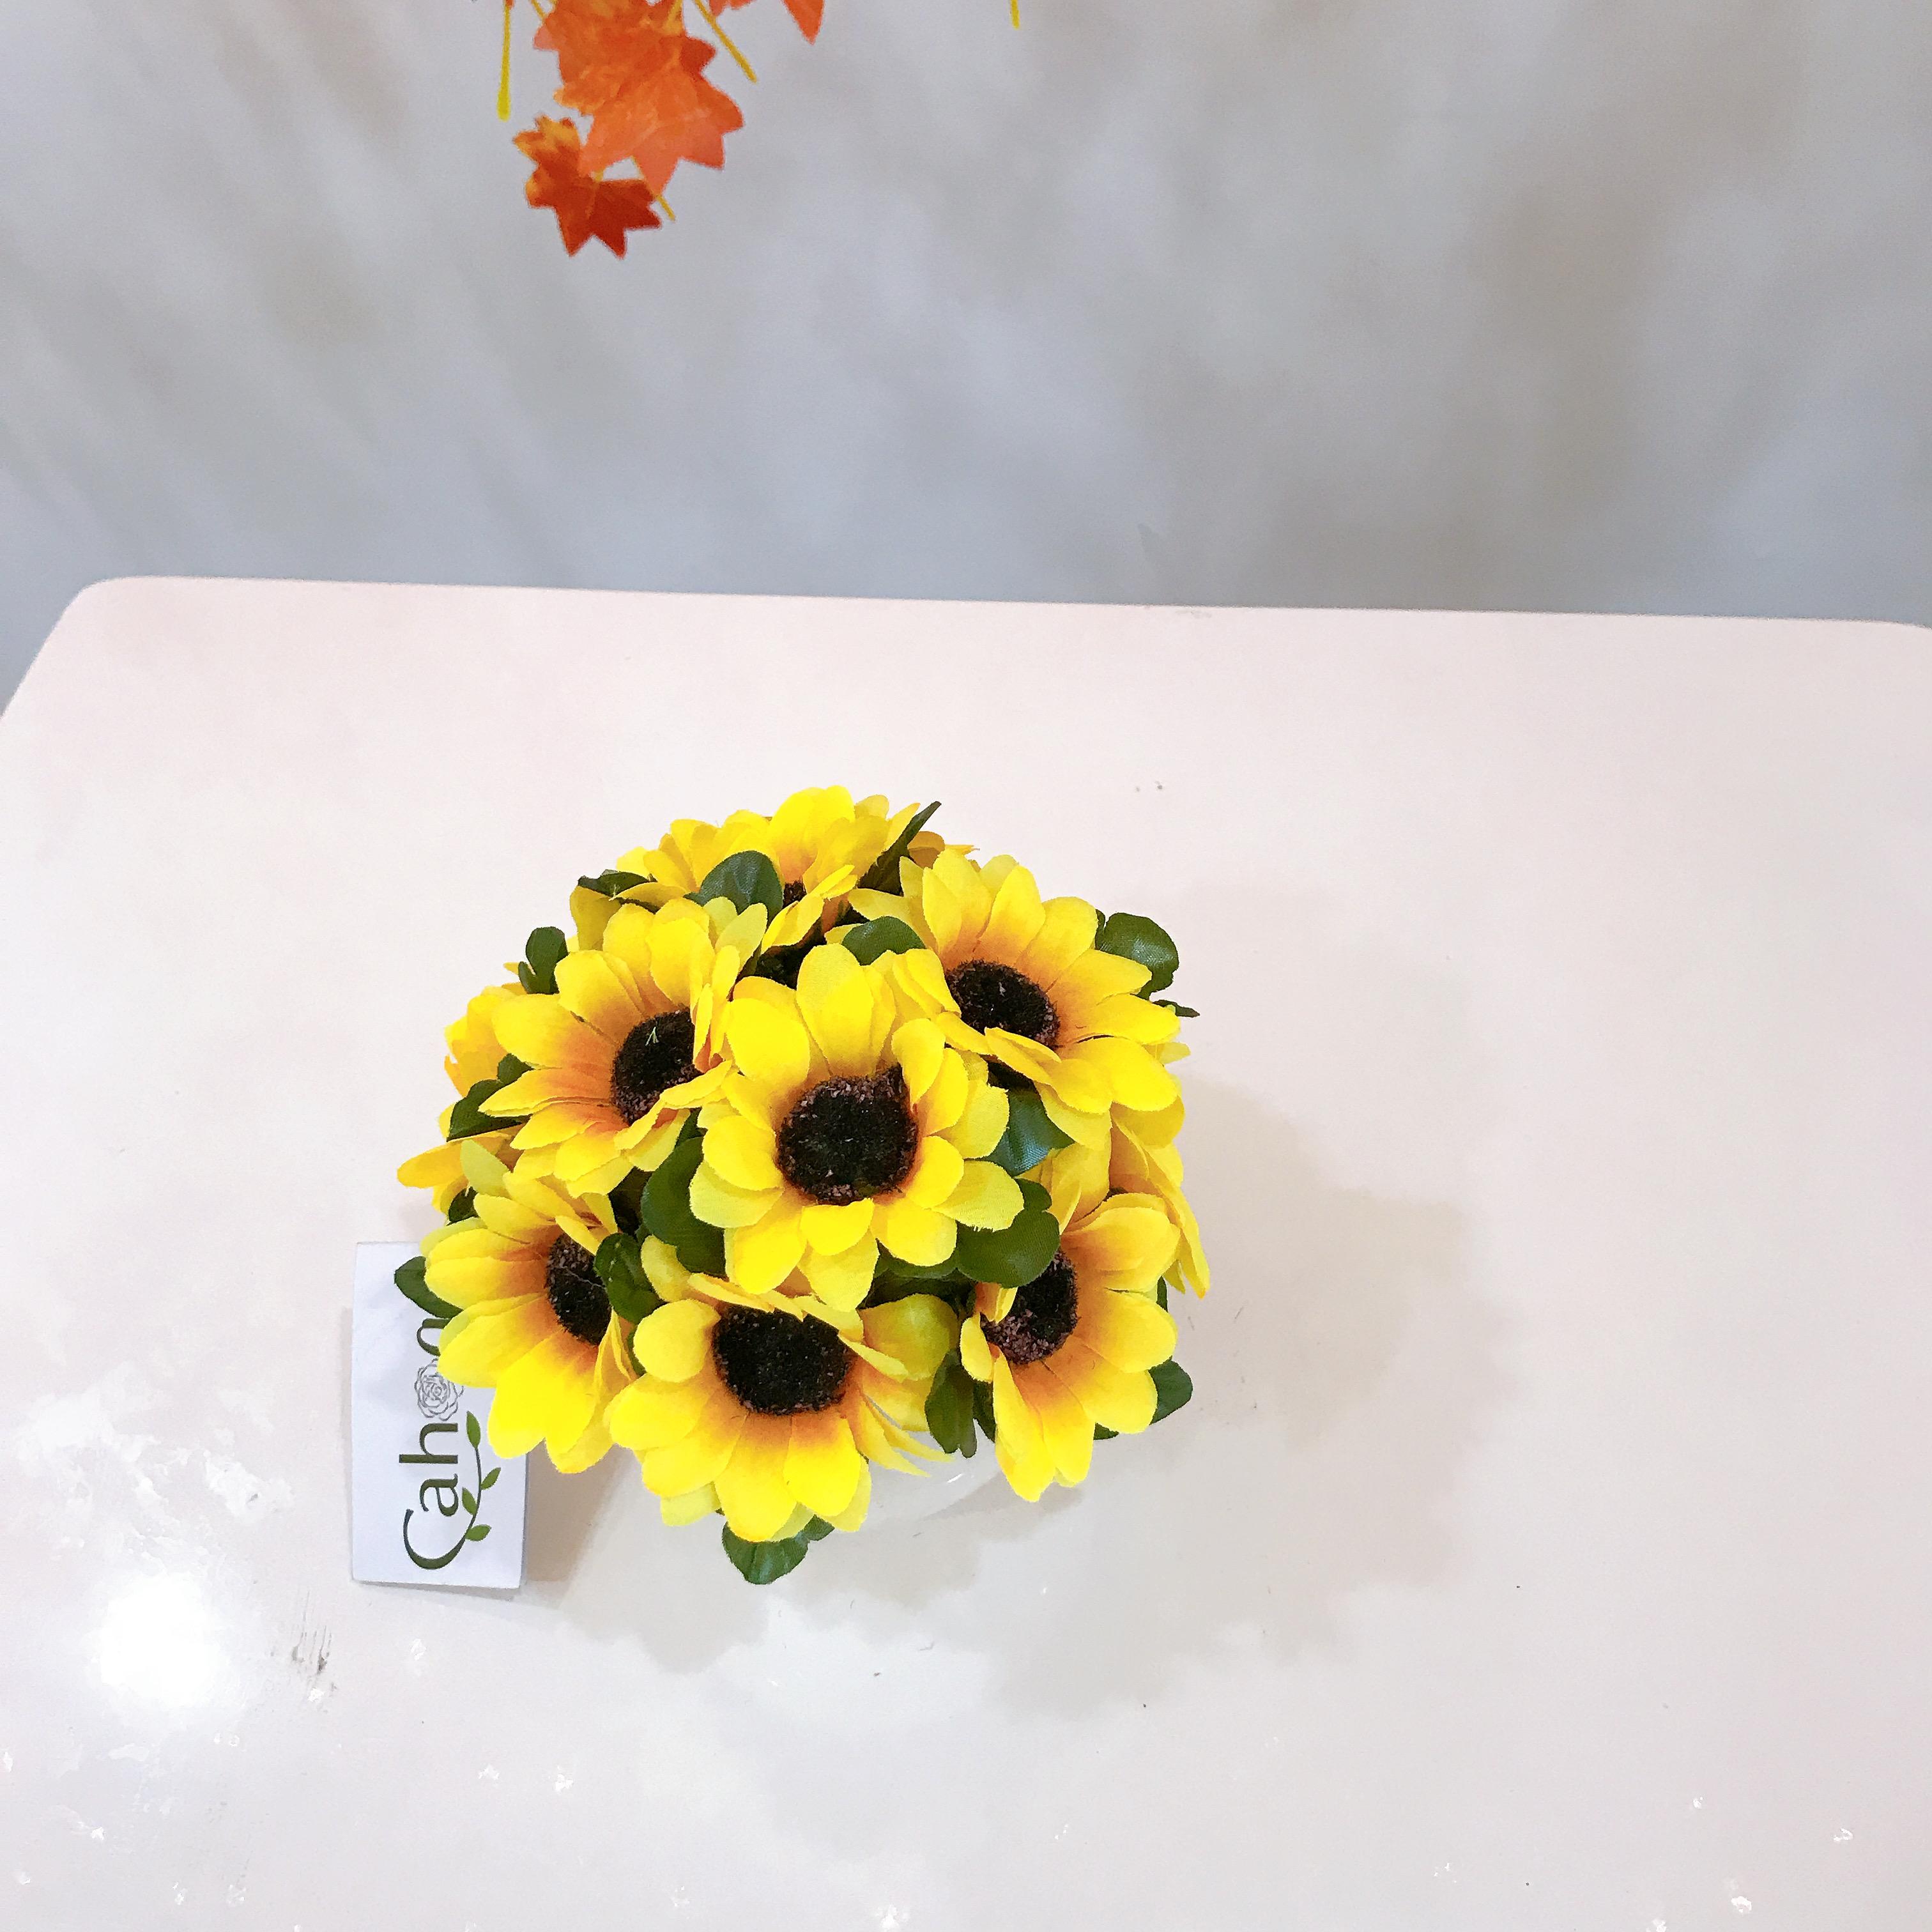 Hoa Giả Chậu Hoa Hướng Dương Tròn Cắm Sẵn